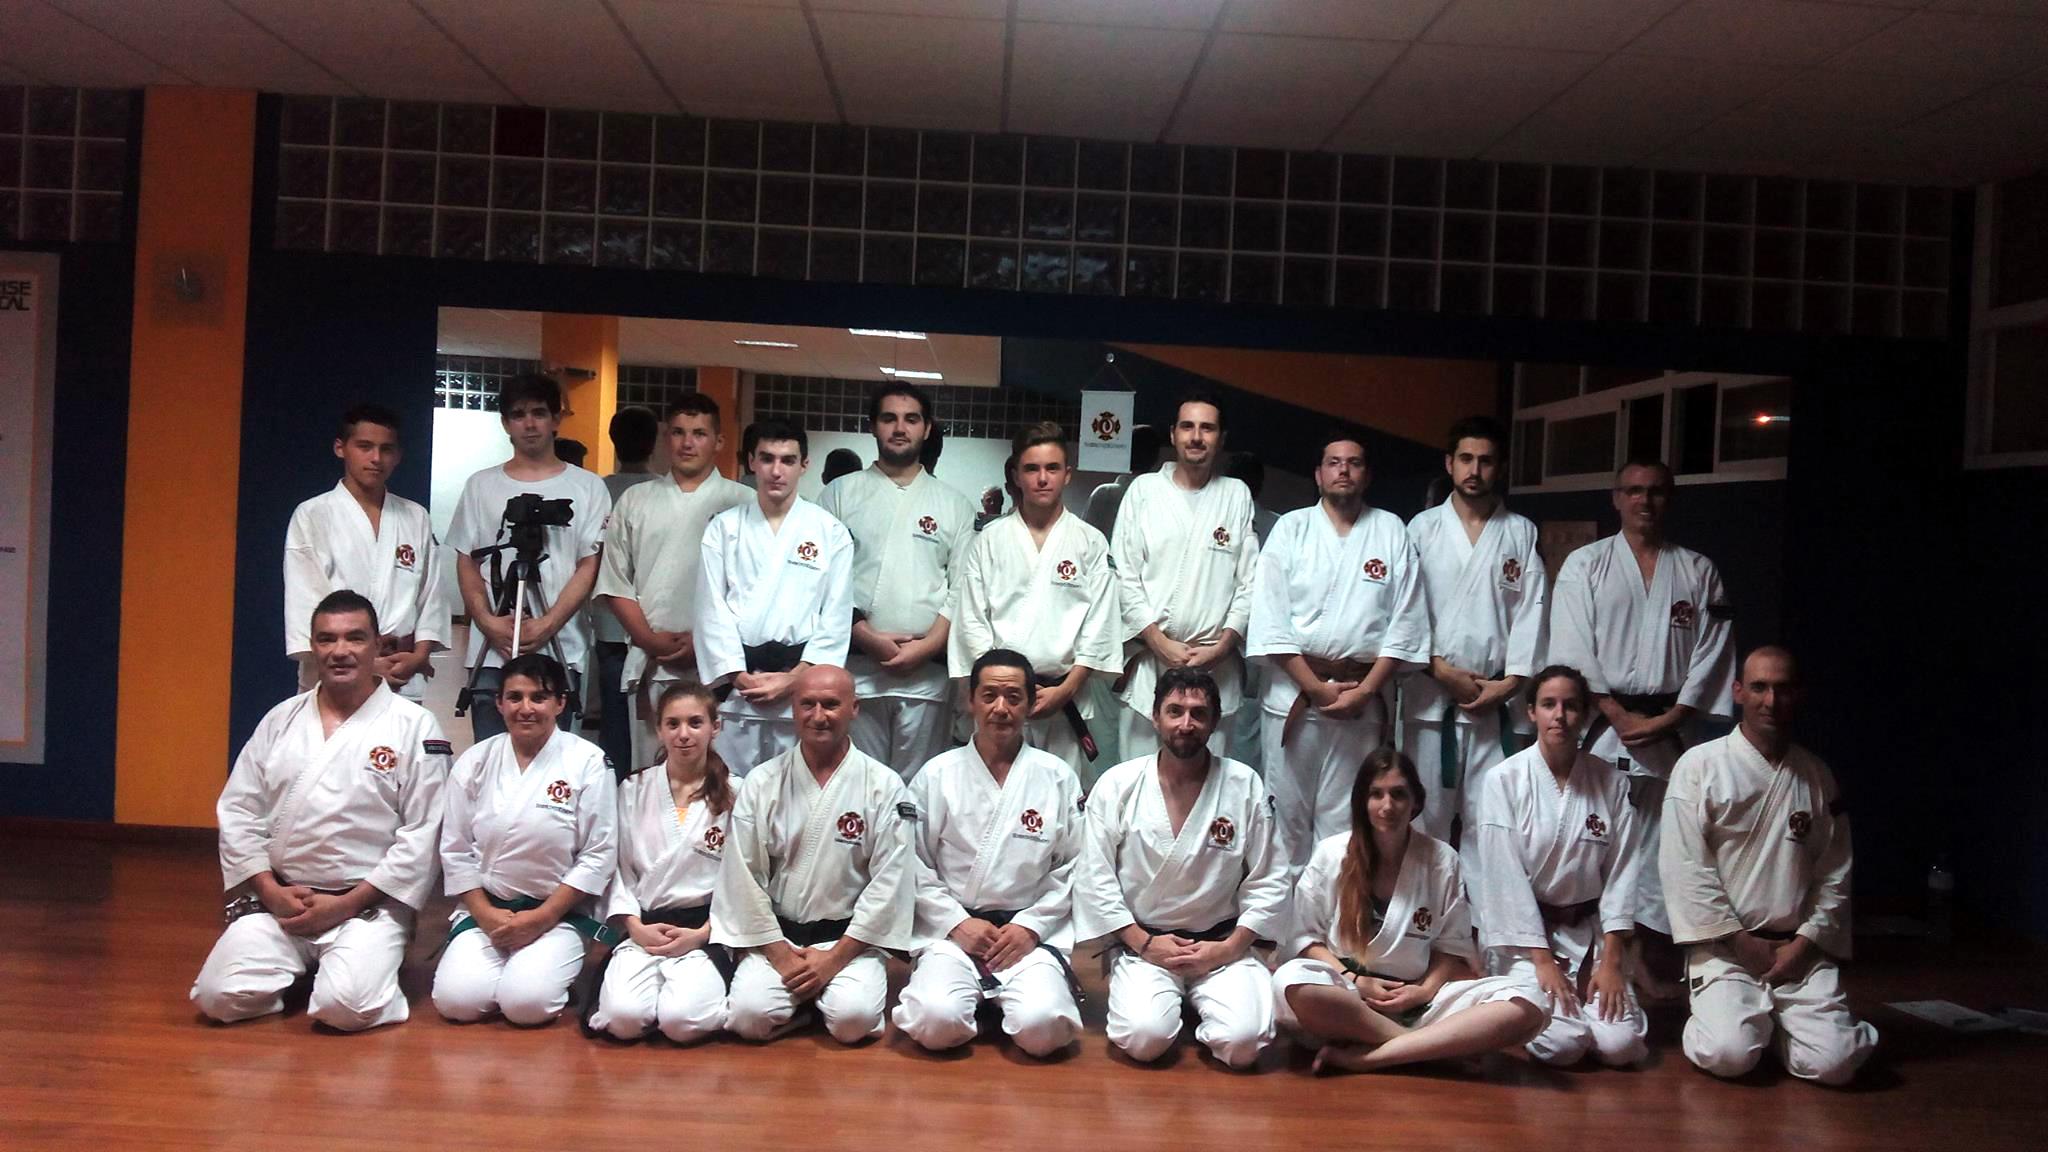 Último entrenamiento verano 2016